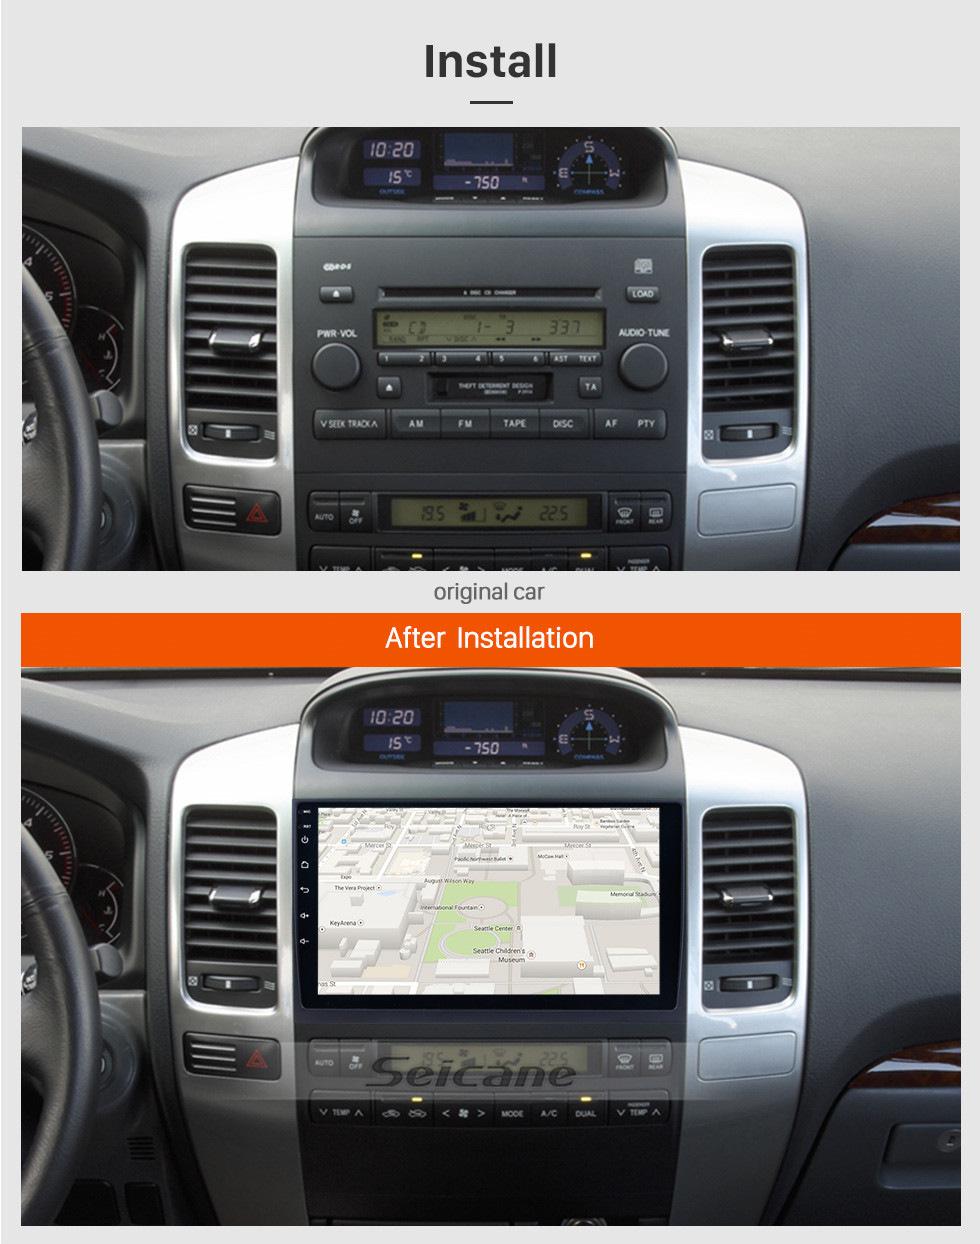 Seicane Android 8.1 2004 2005 2006 2007 2008 2009 Toyota Prado Радио GPS-навигационная система с блютуз HD Сенсорный экран WIFI 1080P DVR Зеркальная ссылка Камера заднего вида